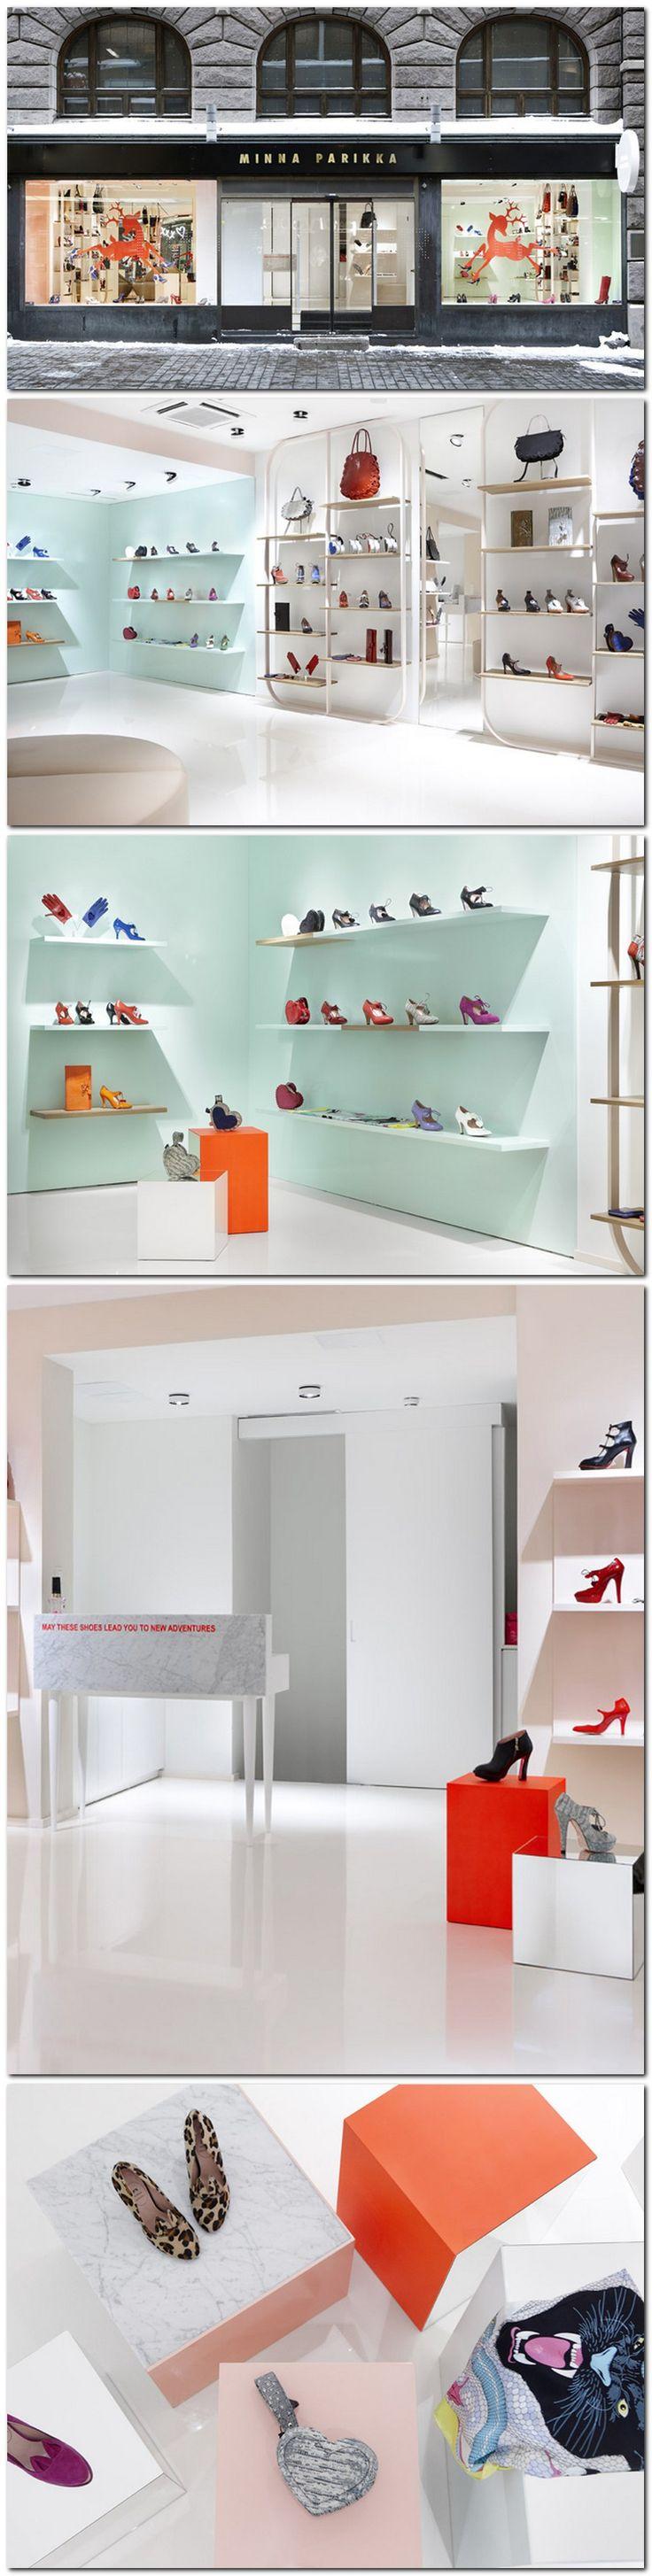 Minna Parikka. Retail, Helsinki by Joanna Laajisto #shoes zapateria tonos pasteles